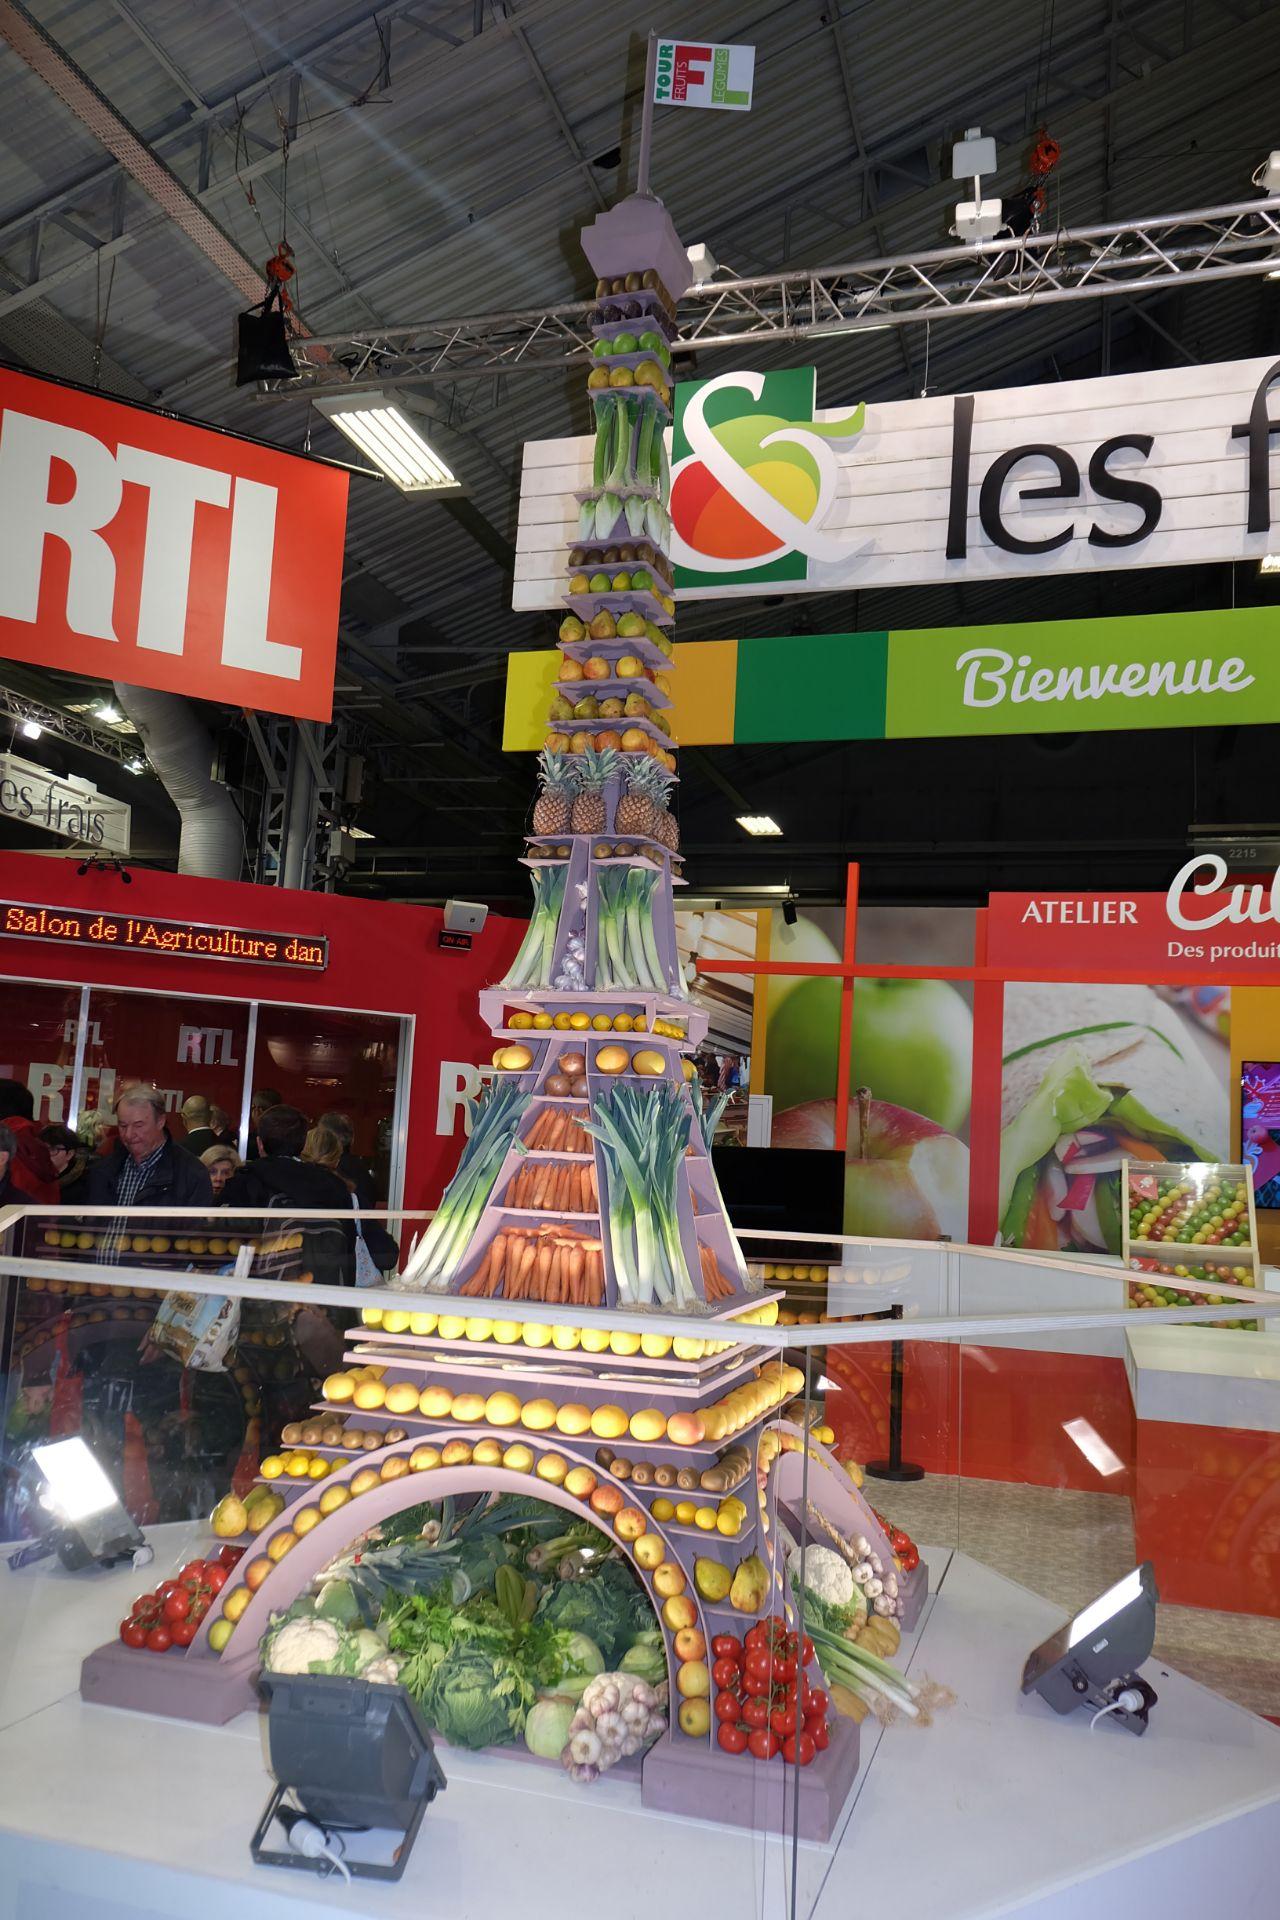 La tour F.L de fruits et legumes. Sans moderation